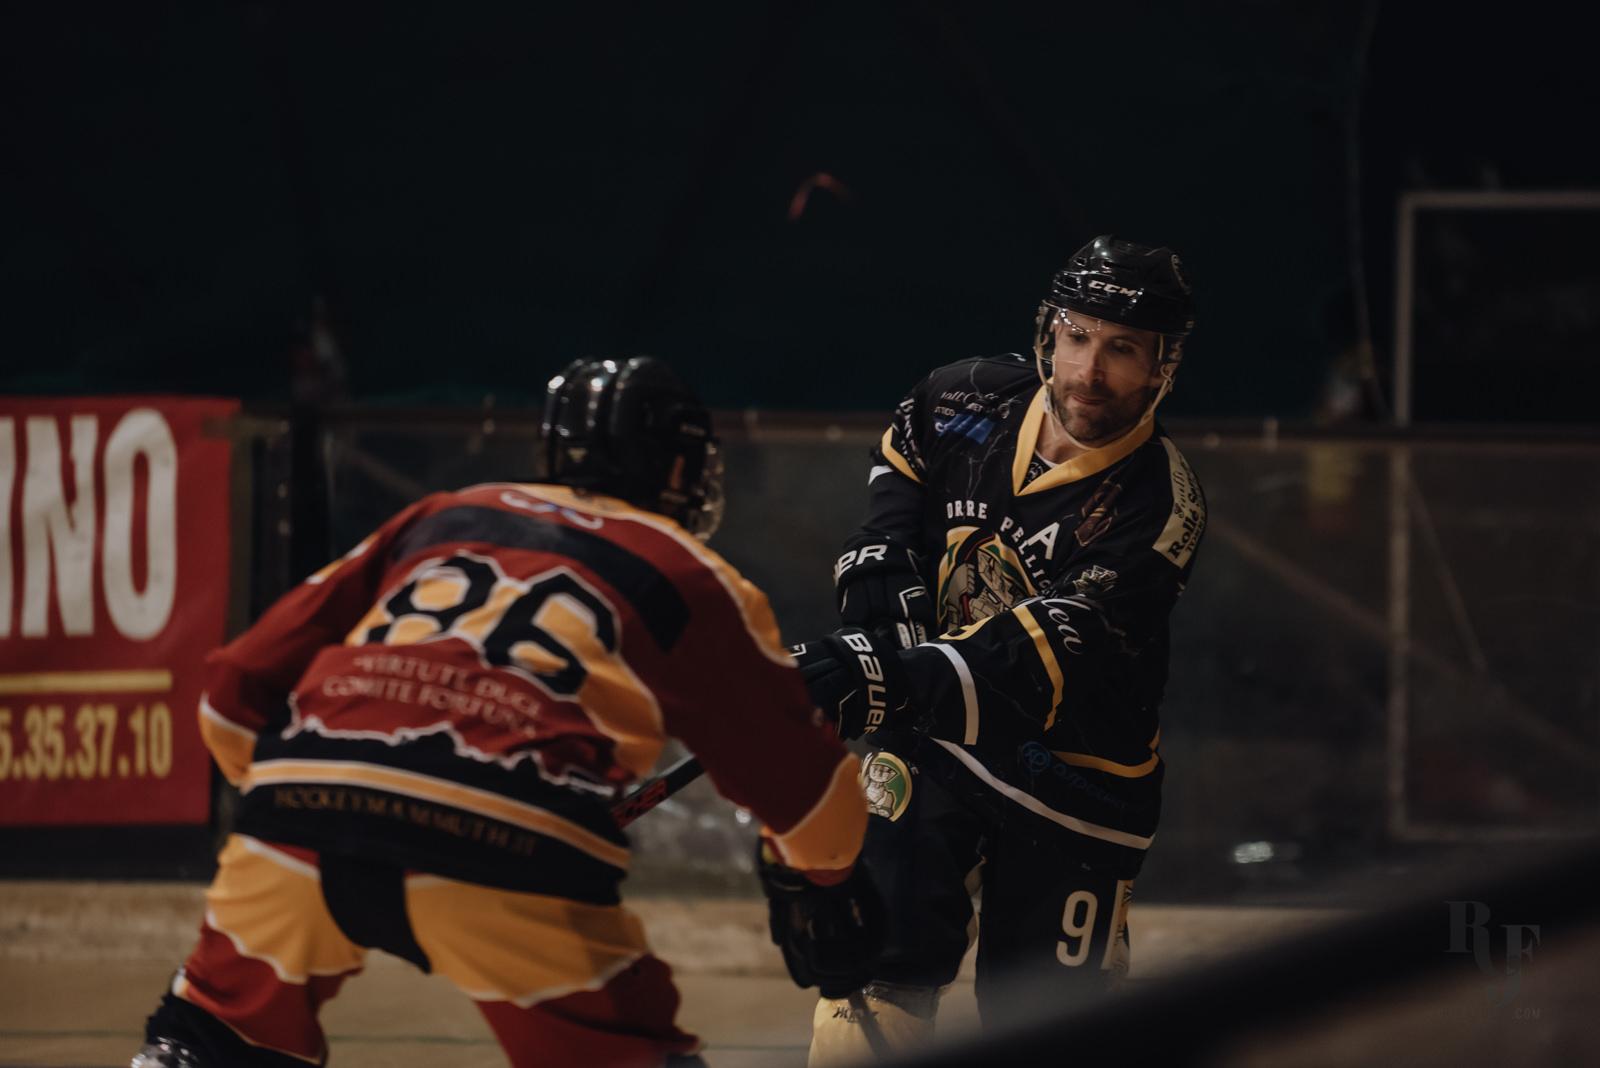 Mammuth Roma Hockey Team, pattinaggio e hockey a roma, mammuth hockey, hockey in linea a roma, rita foldi photography, corso di pattinaggio e hockey a roma, campionato serie B, inline hockey